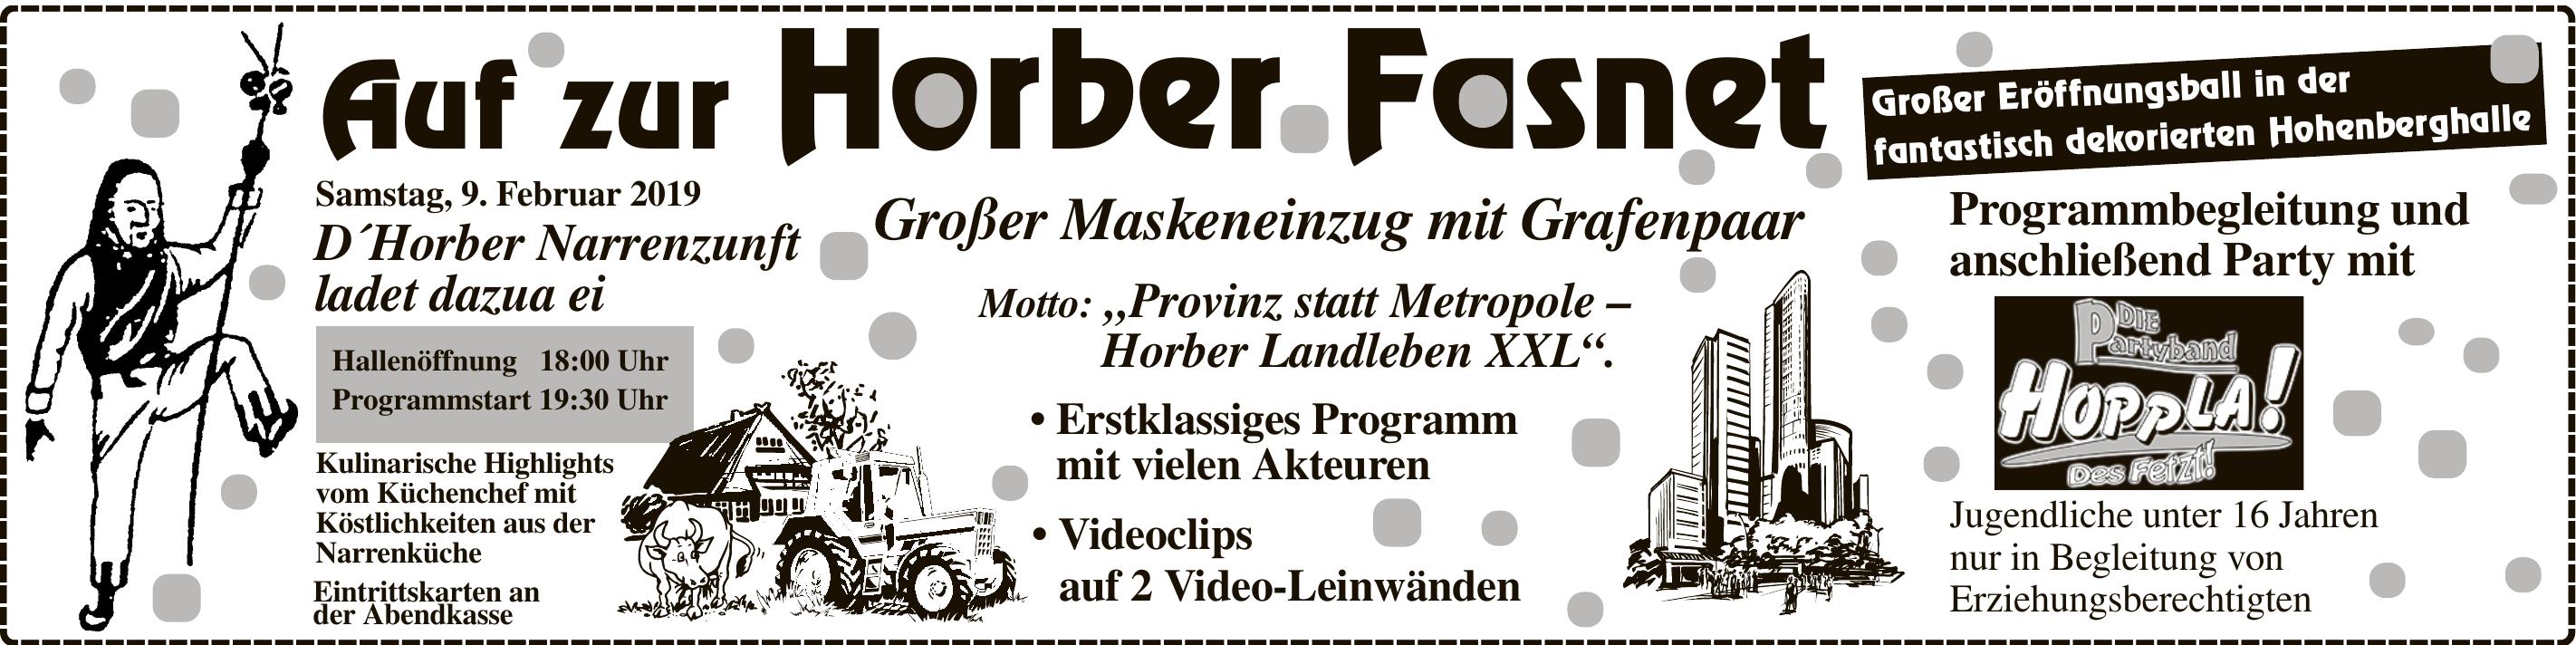 Horber Fasnet